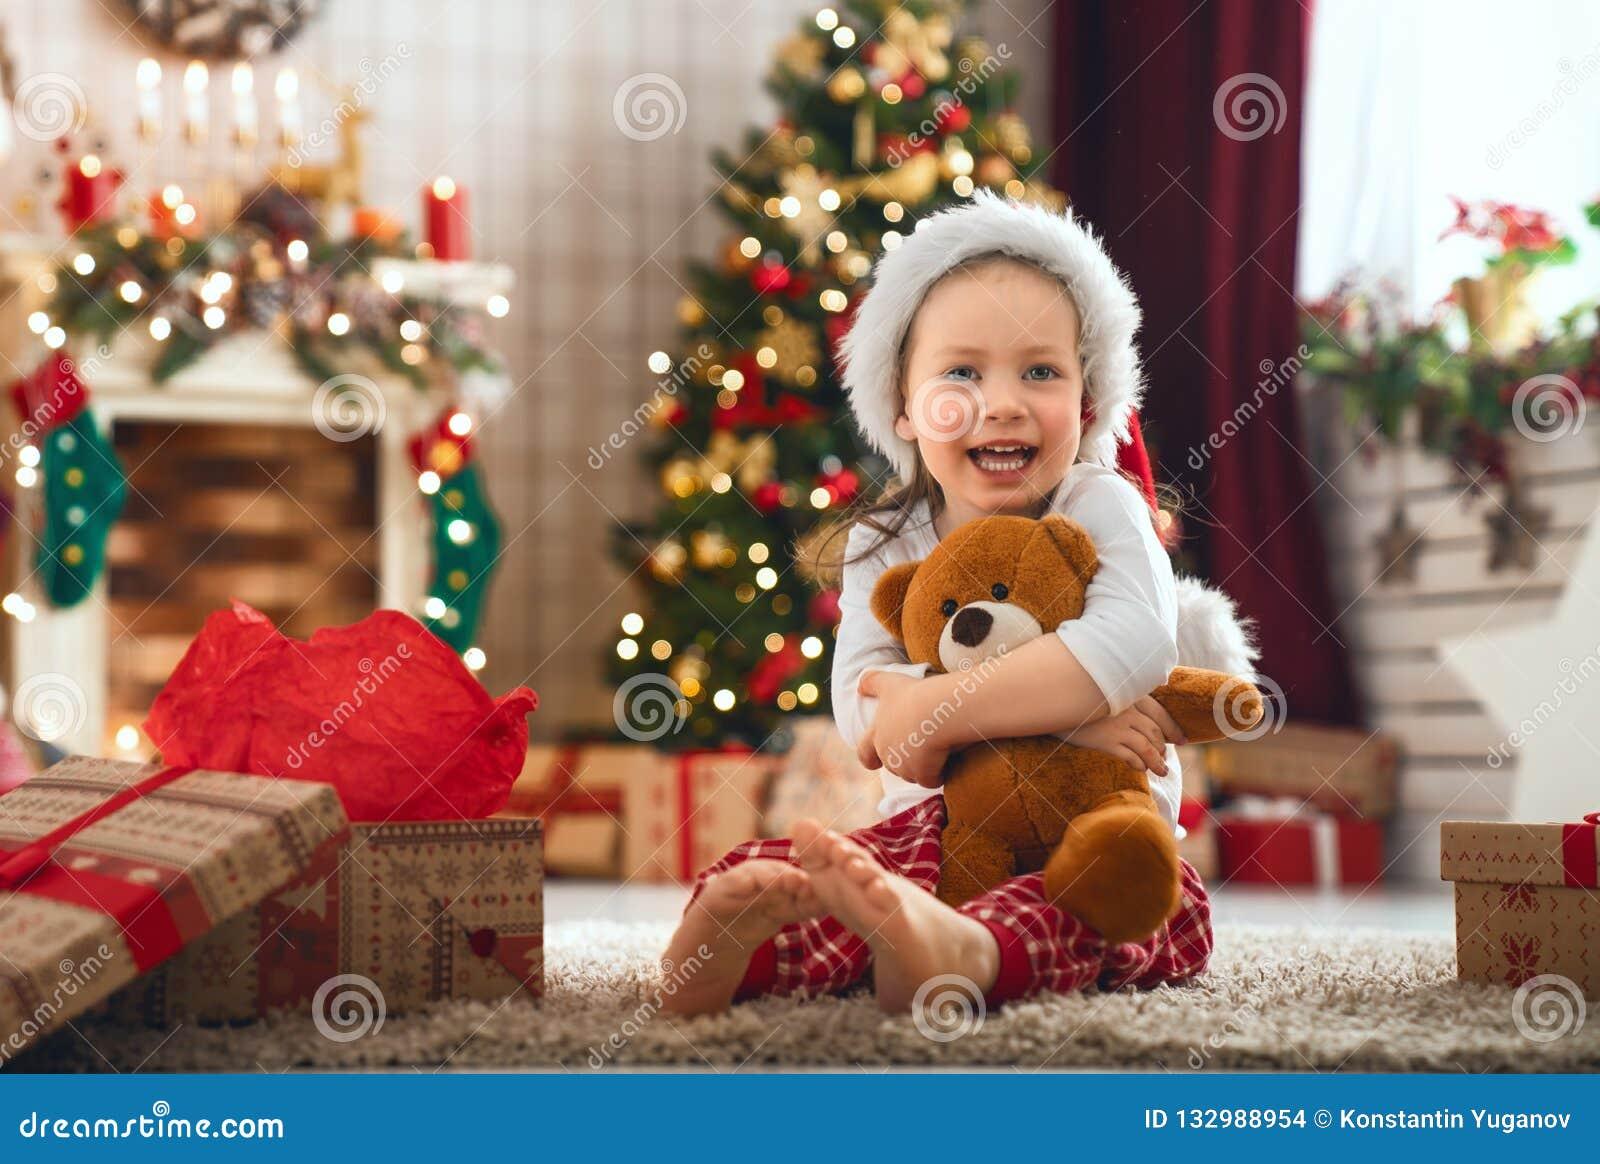 Regali Di Natale Ragazza.Ragazze Che Aprono I Regali Di Natale Fotografia Stock Immagine Di